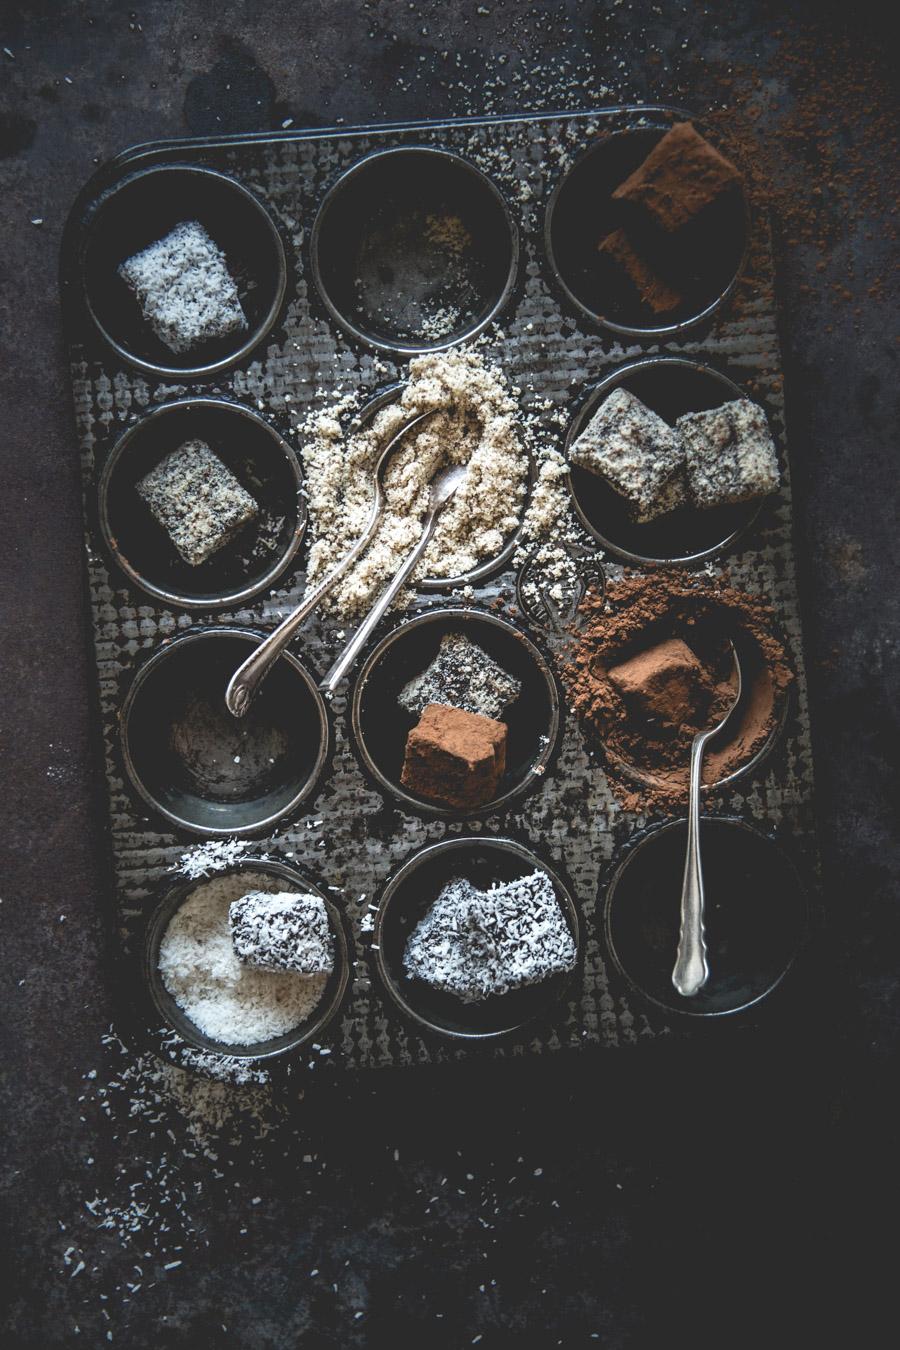 recette-classique-truffes-au-chocolat-noisettes-noix-de-coco-ophelie-lauret-ophelies-kitchen-book-35